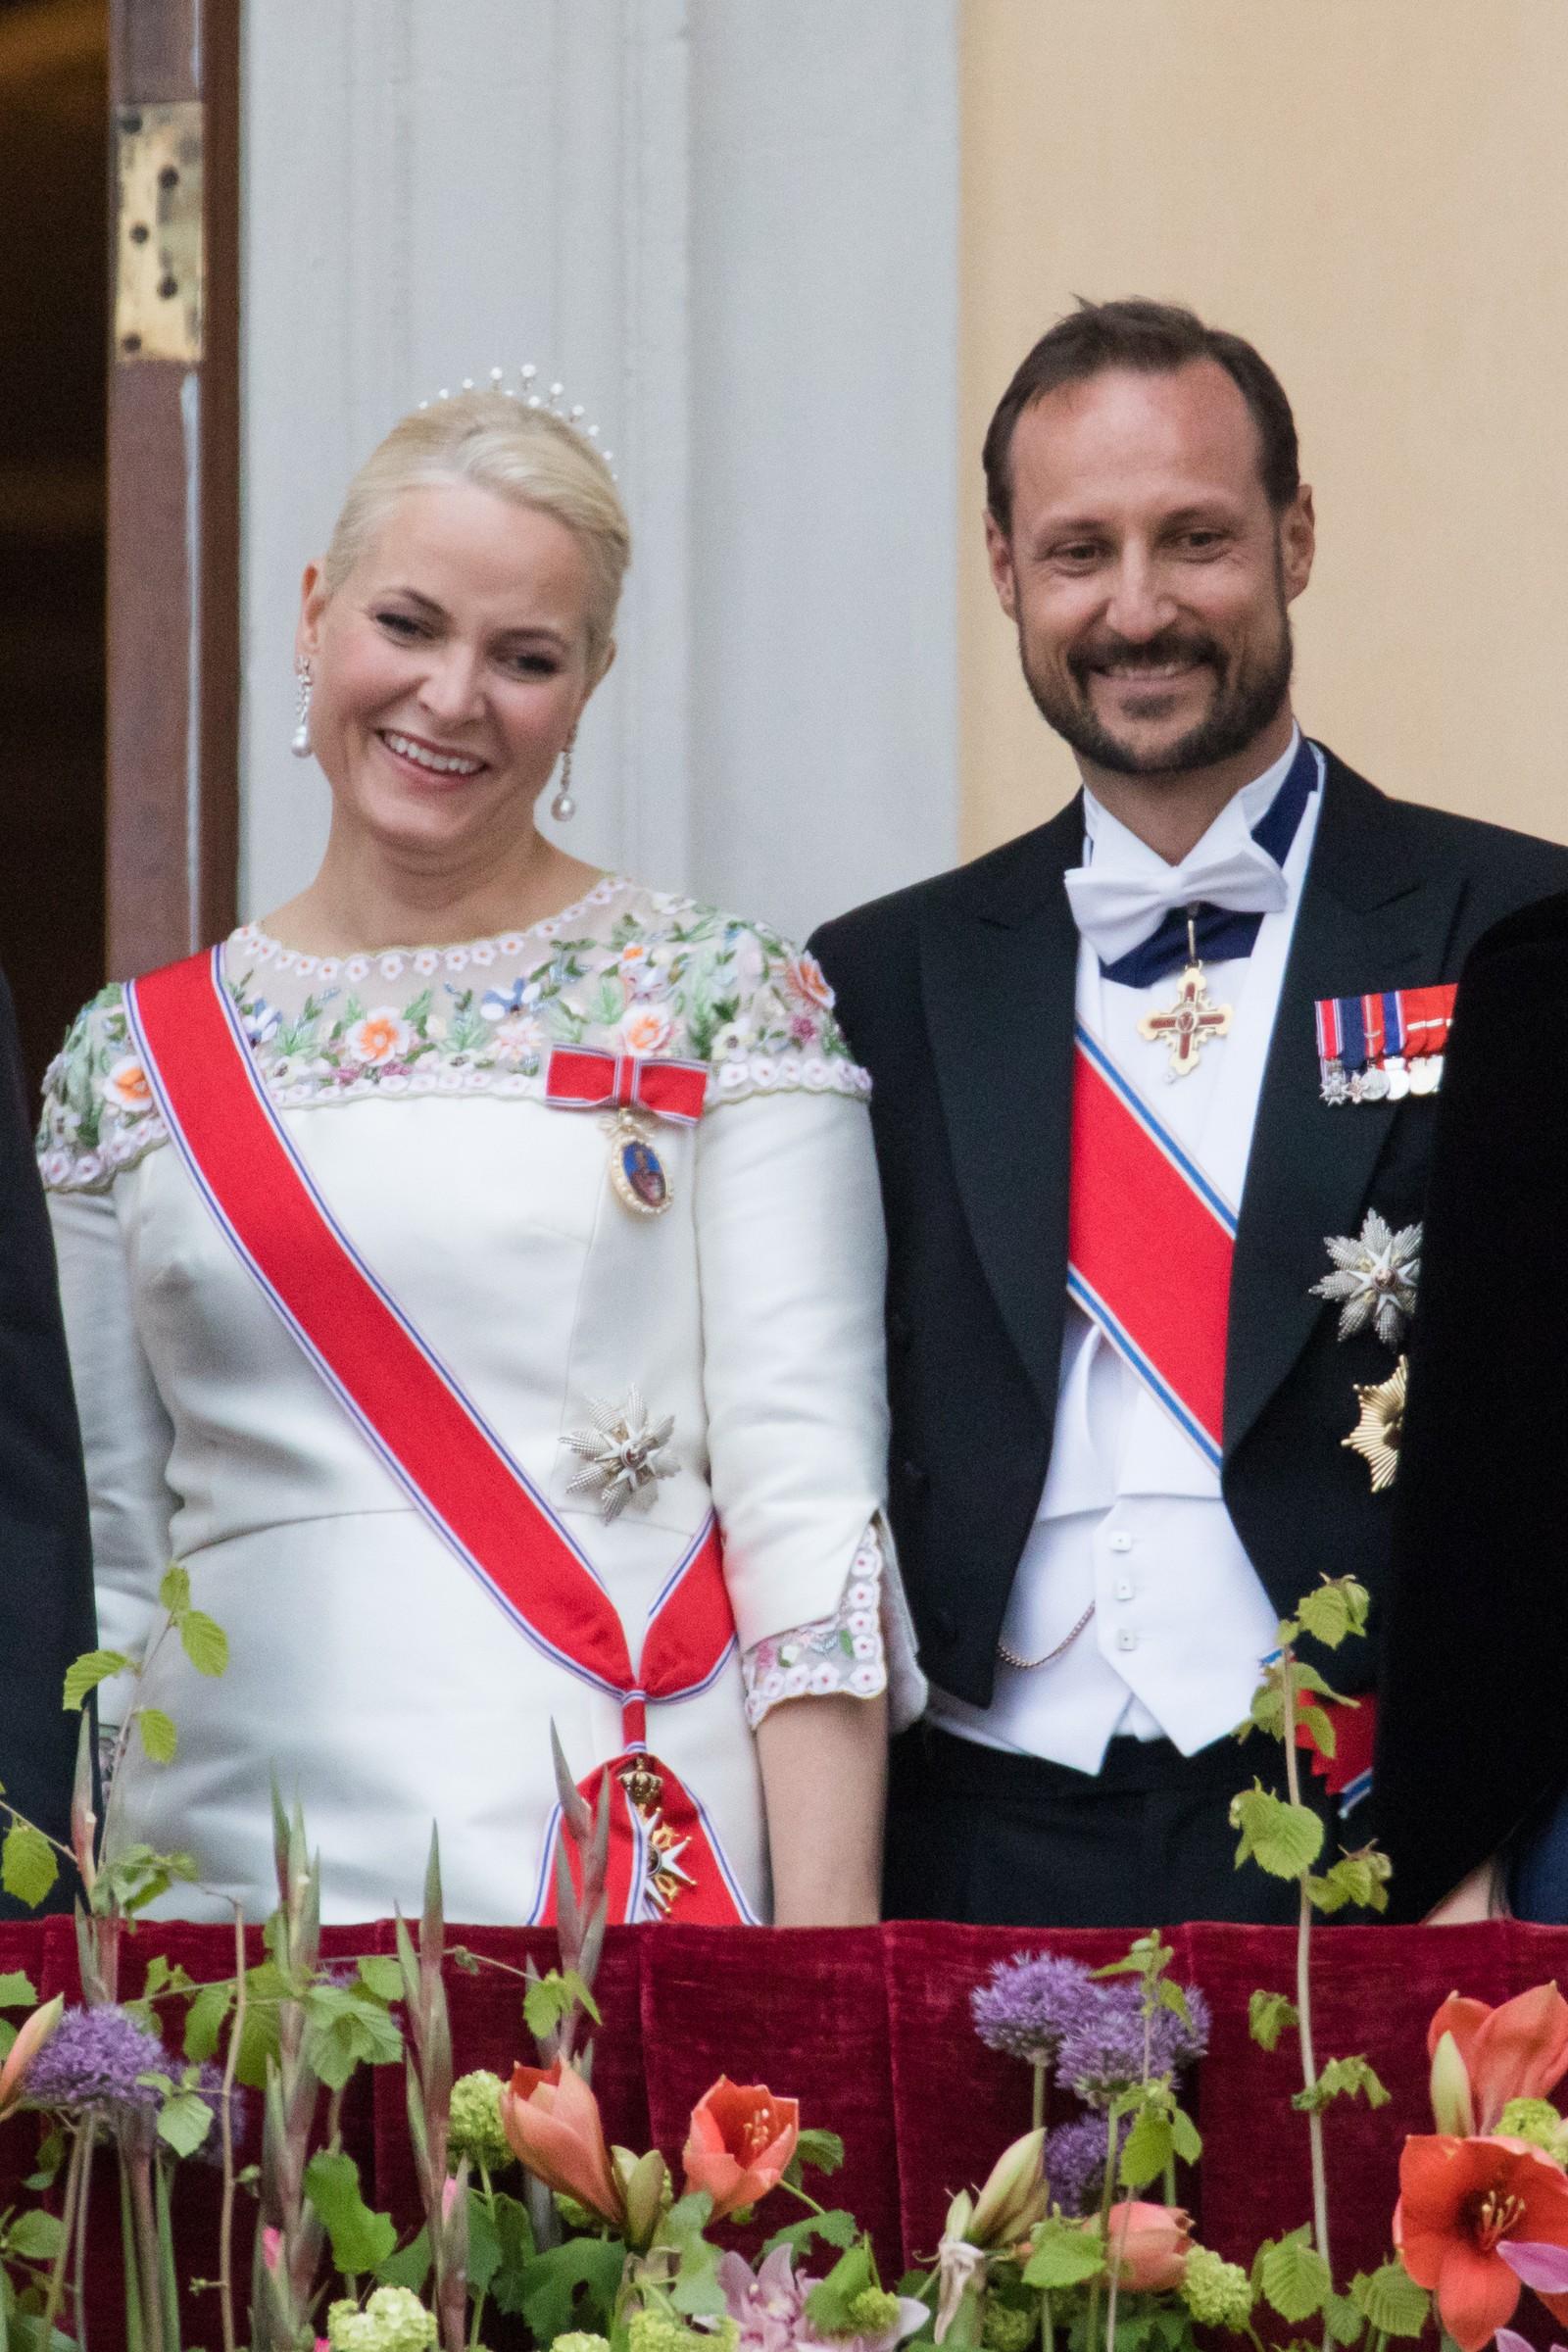 Kronprinsesse Mette-Marit og kronprins Haakon. Kongeparet mottar gratulasjonsdeputasjoner i anledning sin 80-årsfeiring.